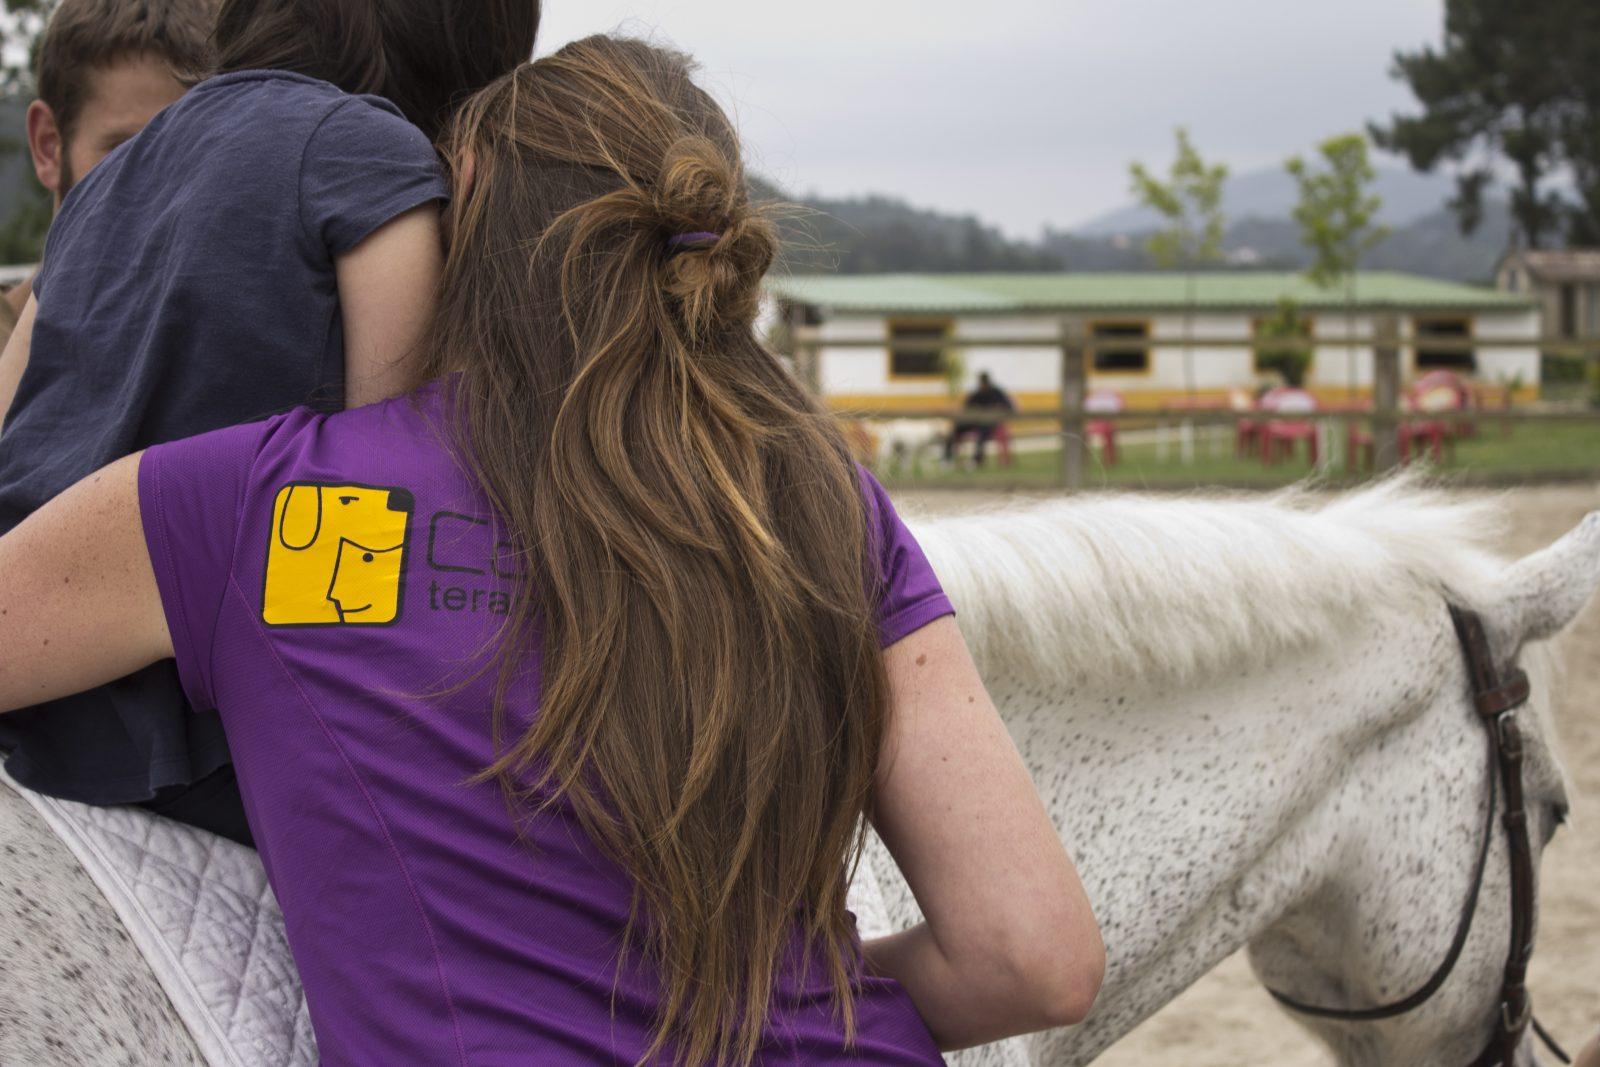 Hipoterapia o Terapia con caballos; una alternativa para la intervención física y psicológica.